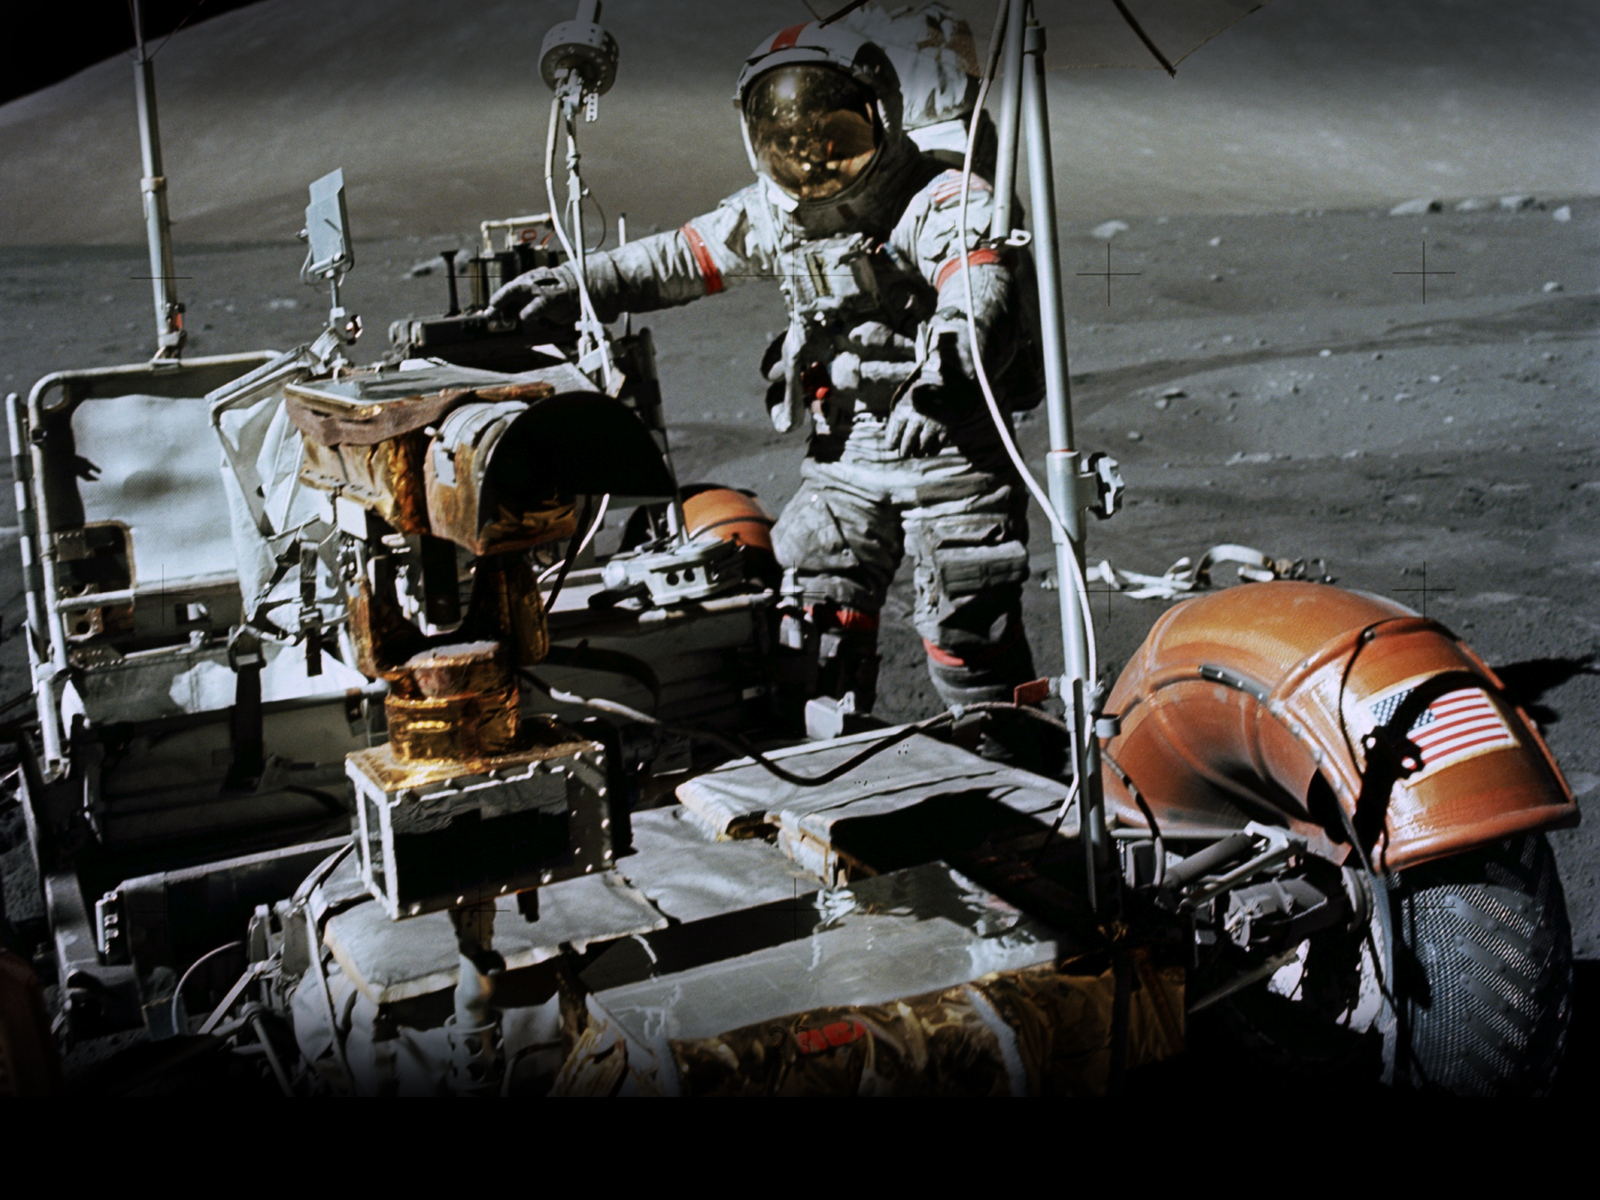 Månebilen på Apollo 17-ferden, var den som fikk kjøre lengst distanse på månen.